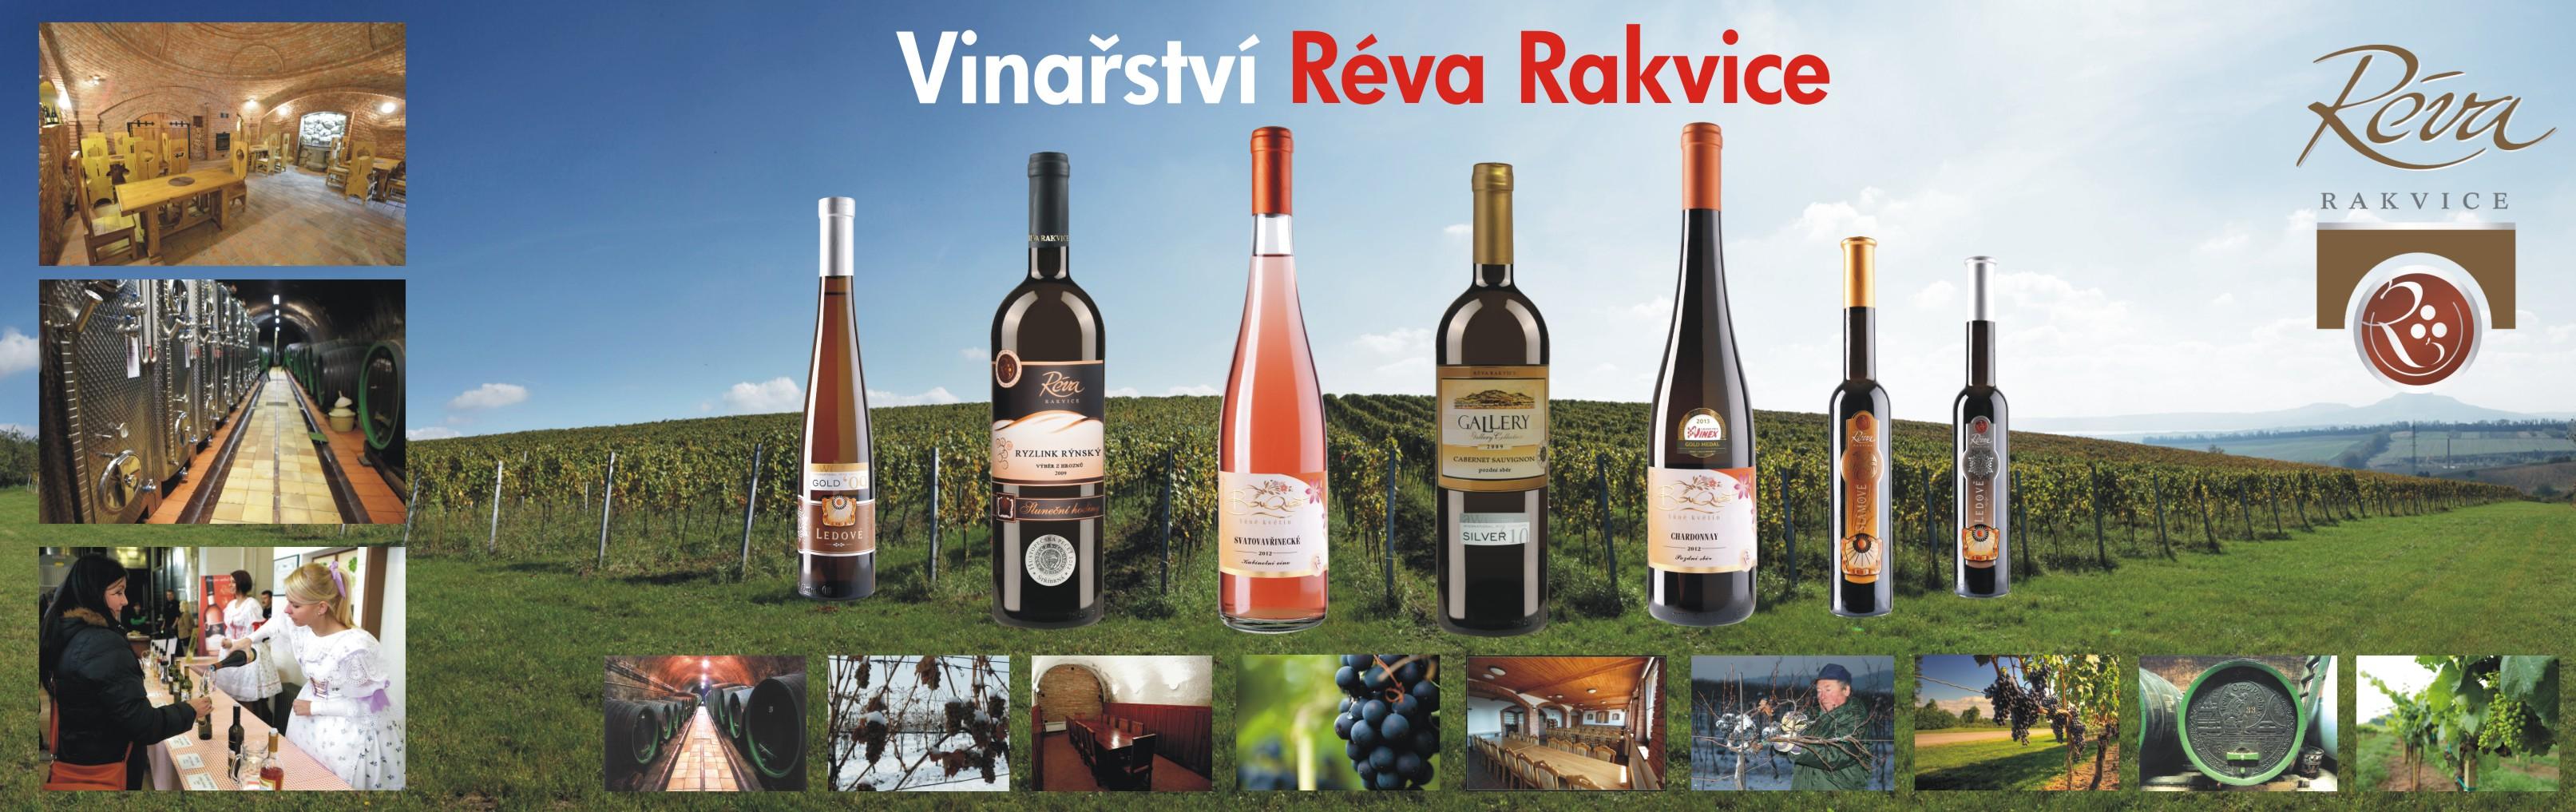 Vína z vinařství Réva Rakvice